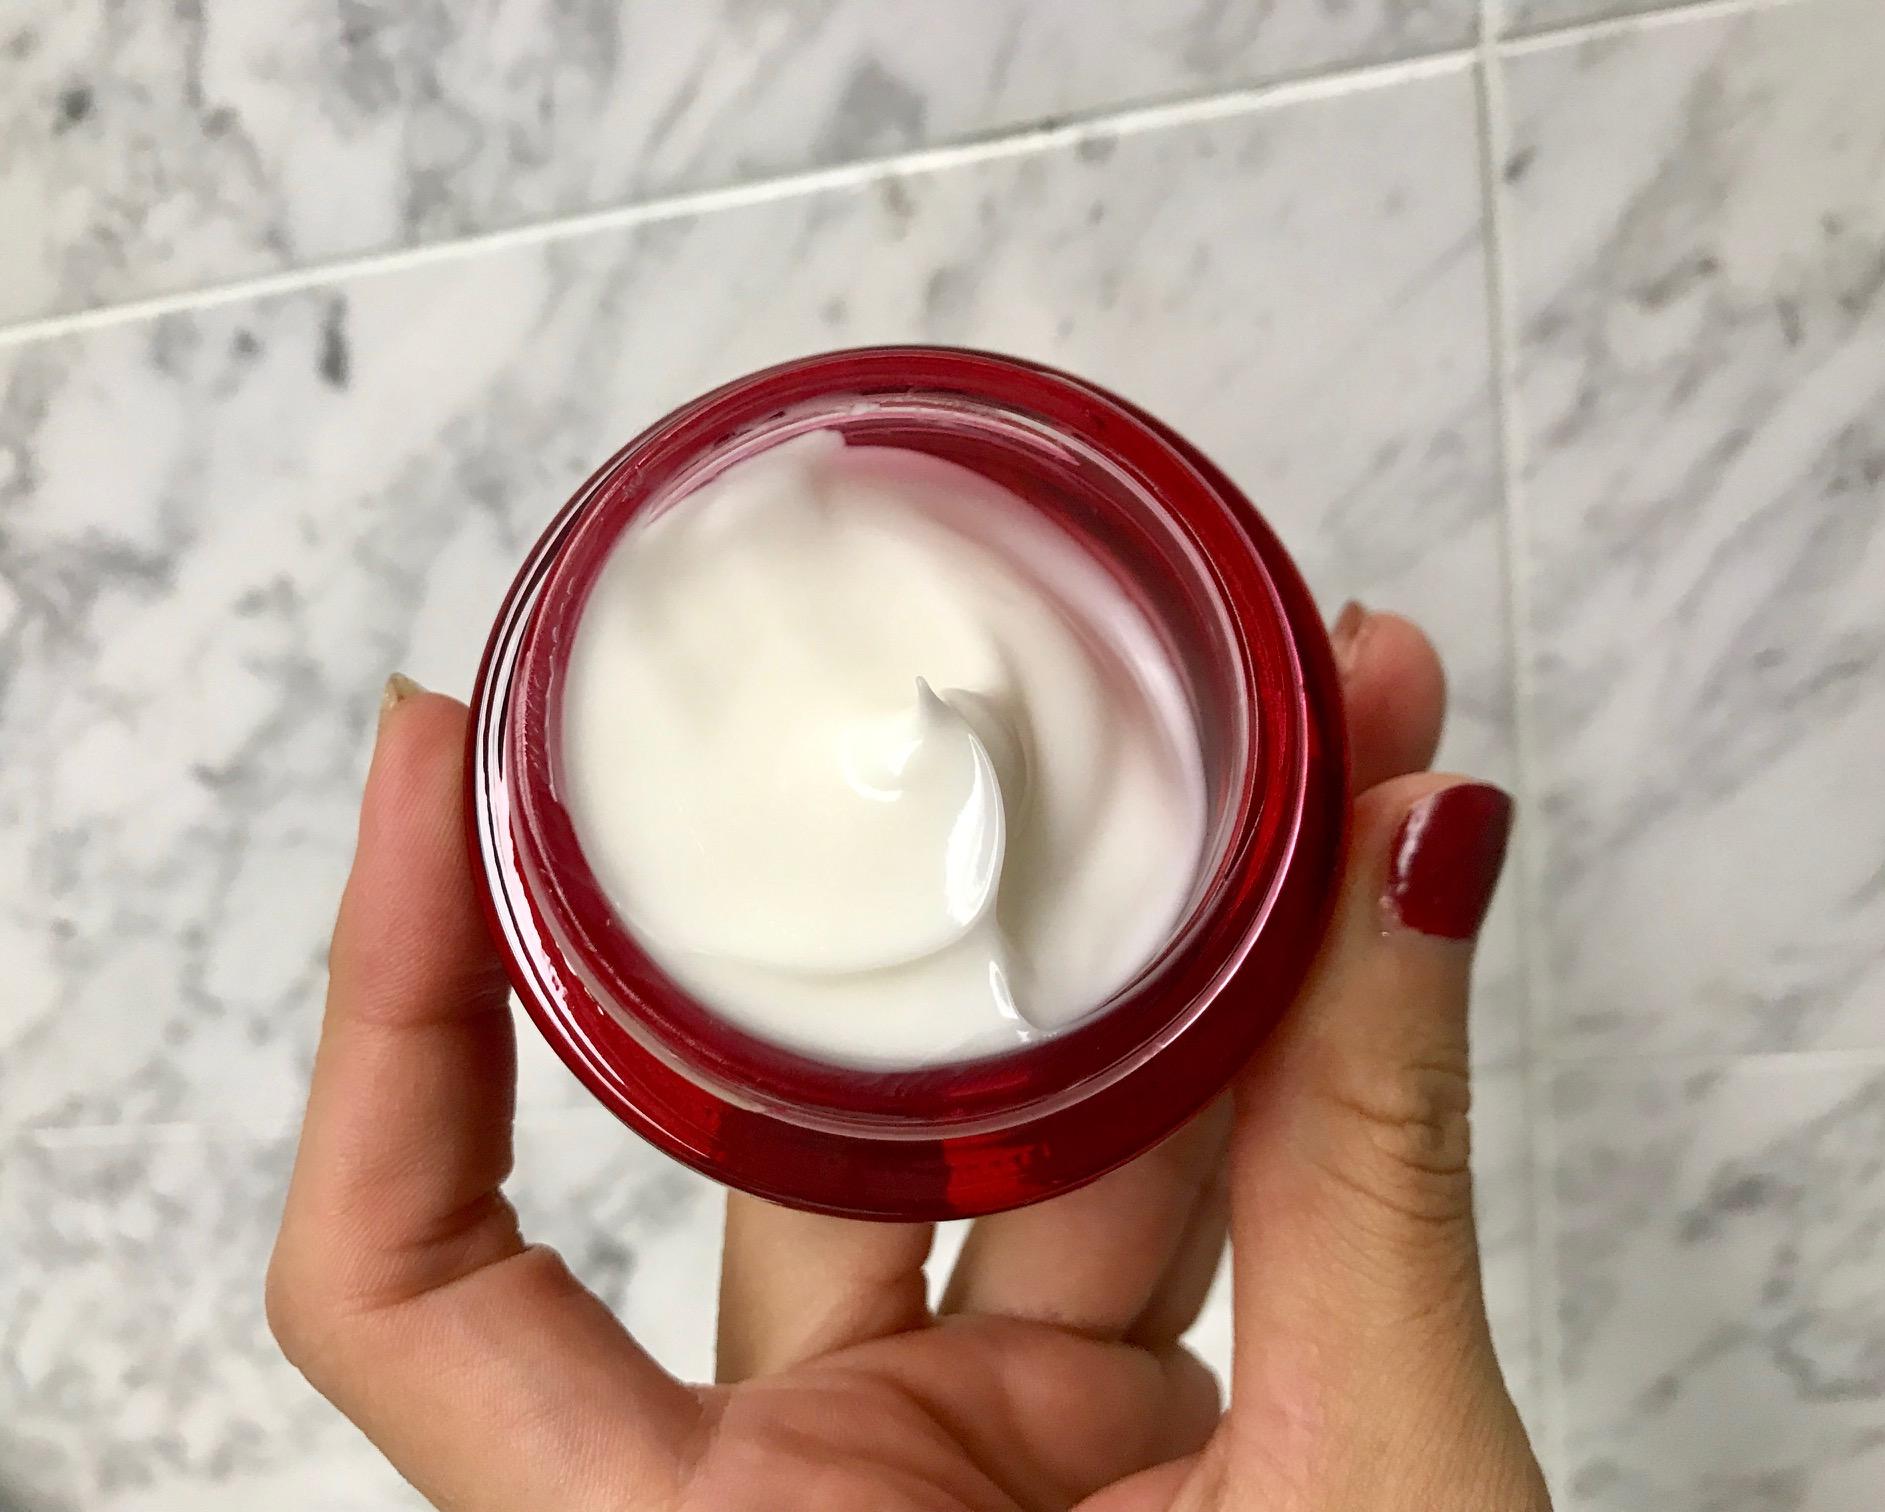 スキンケアの順番とおすすめアイテム特集 - 洗顔のやり方や化粧水の塗り方など、美プロ発のテクニックまとめ_22